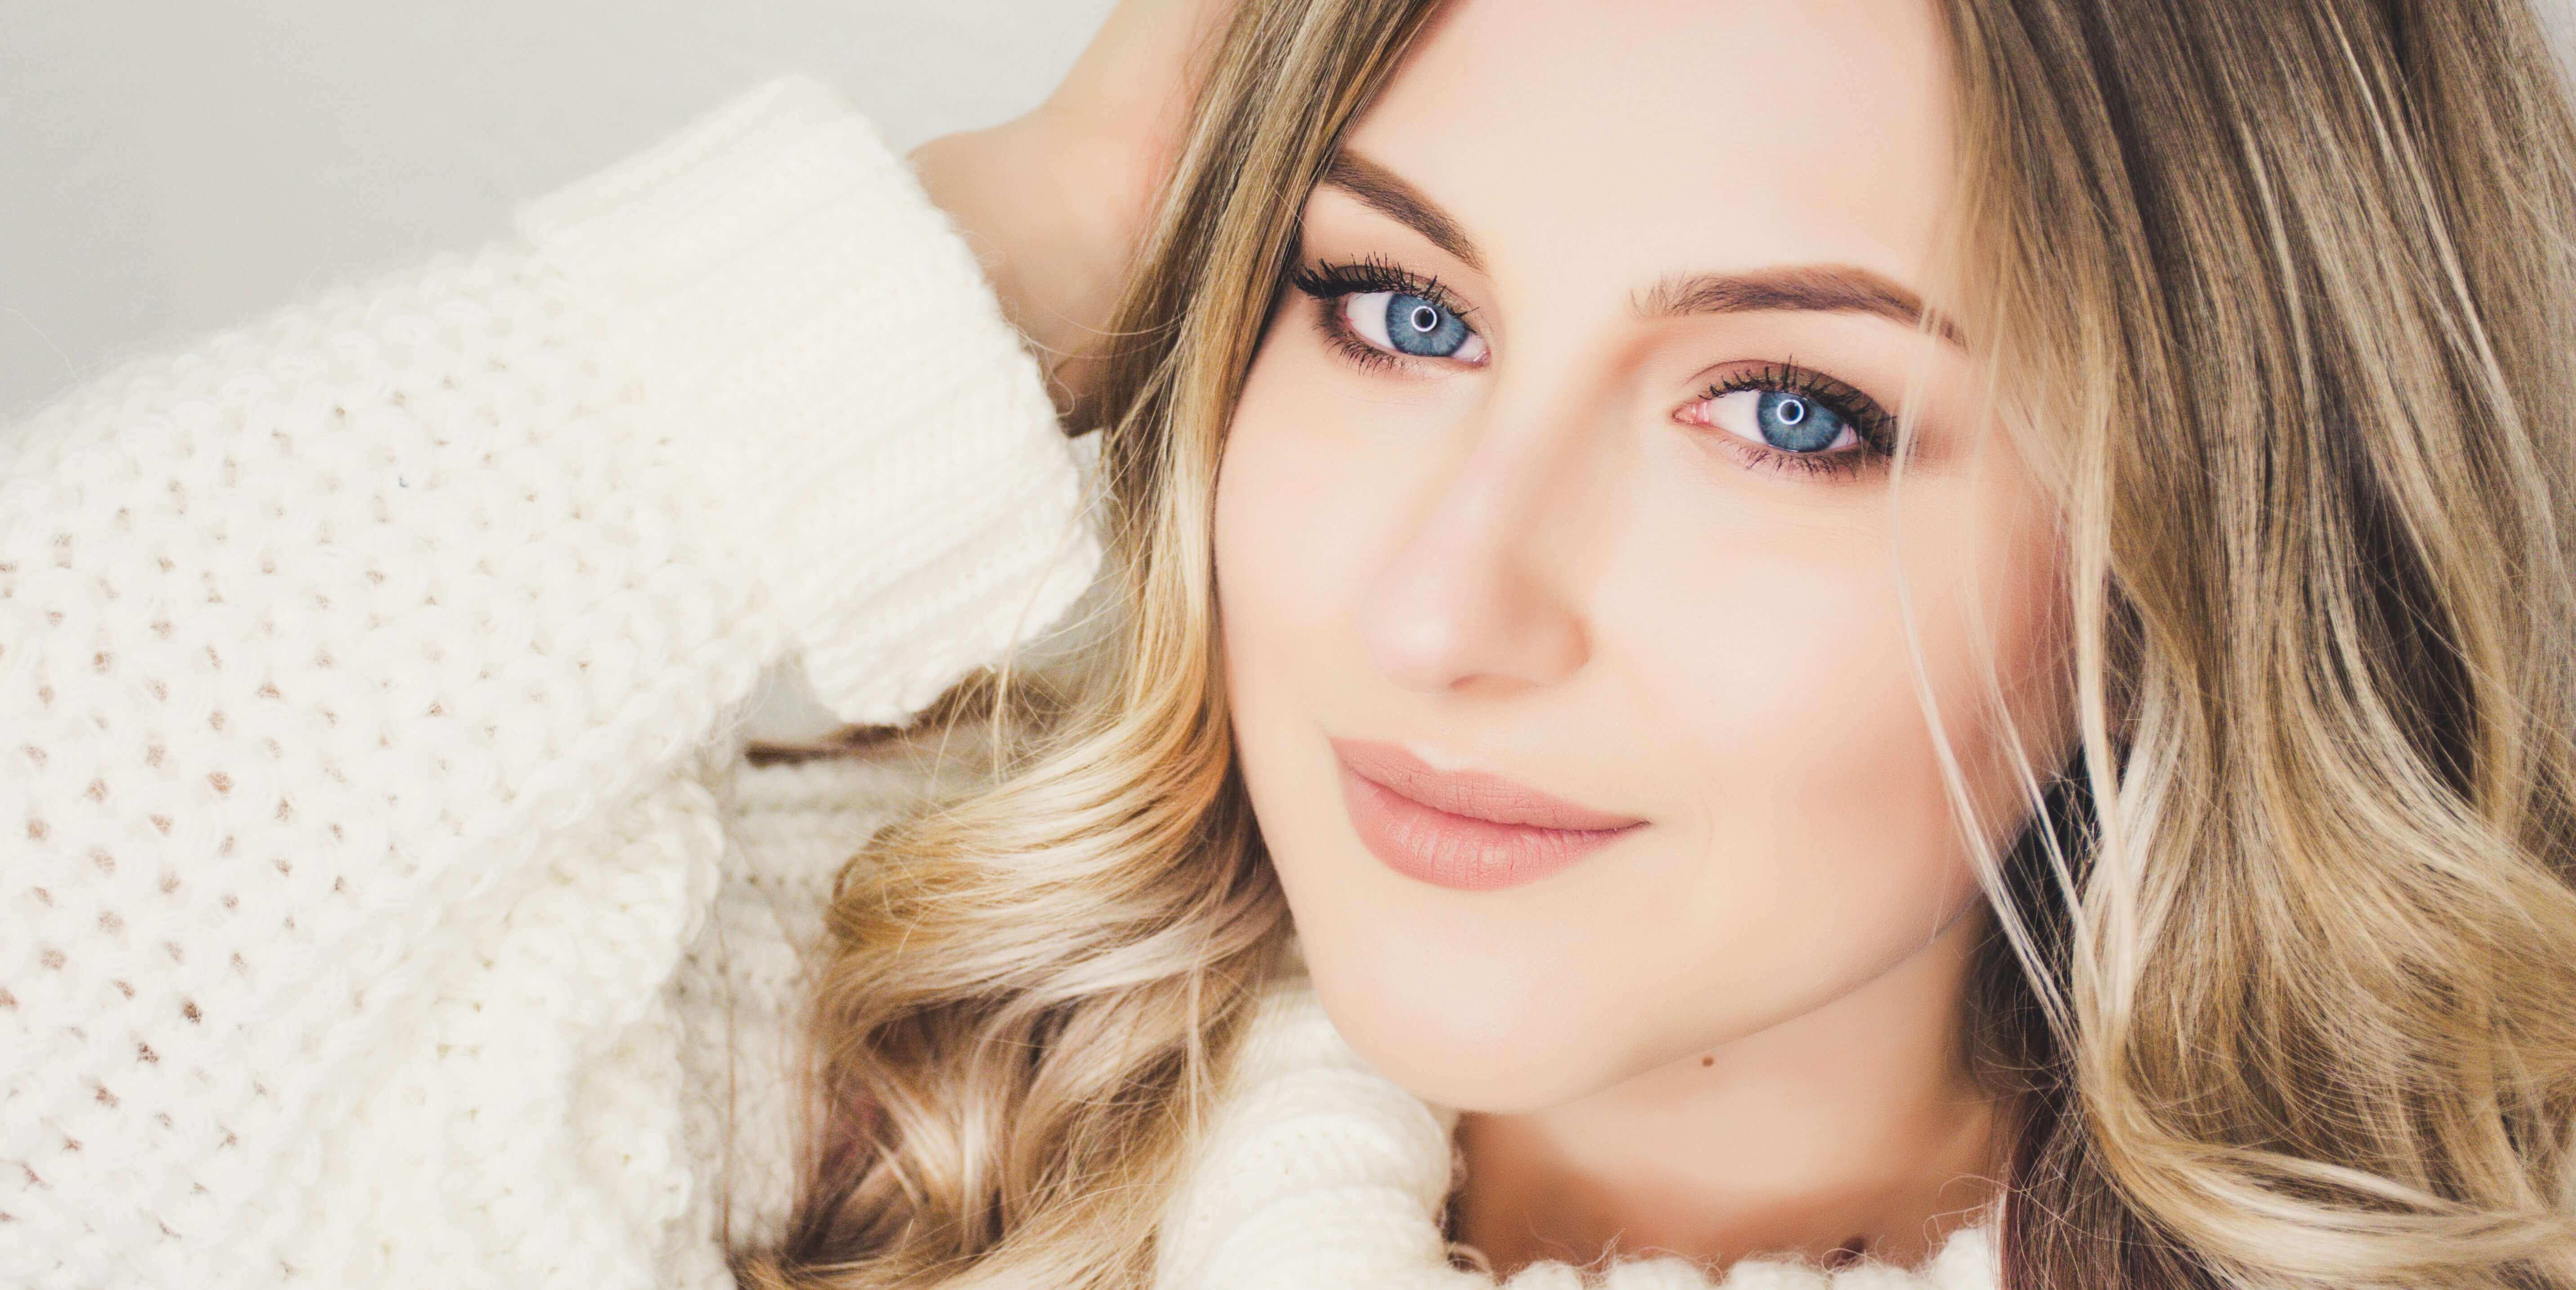 6 tips για μακιγιάζ για να φαίνονται τα μάτια σου μεγάλα